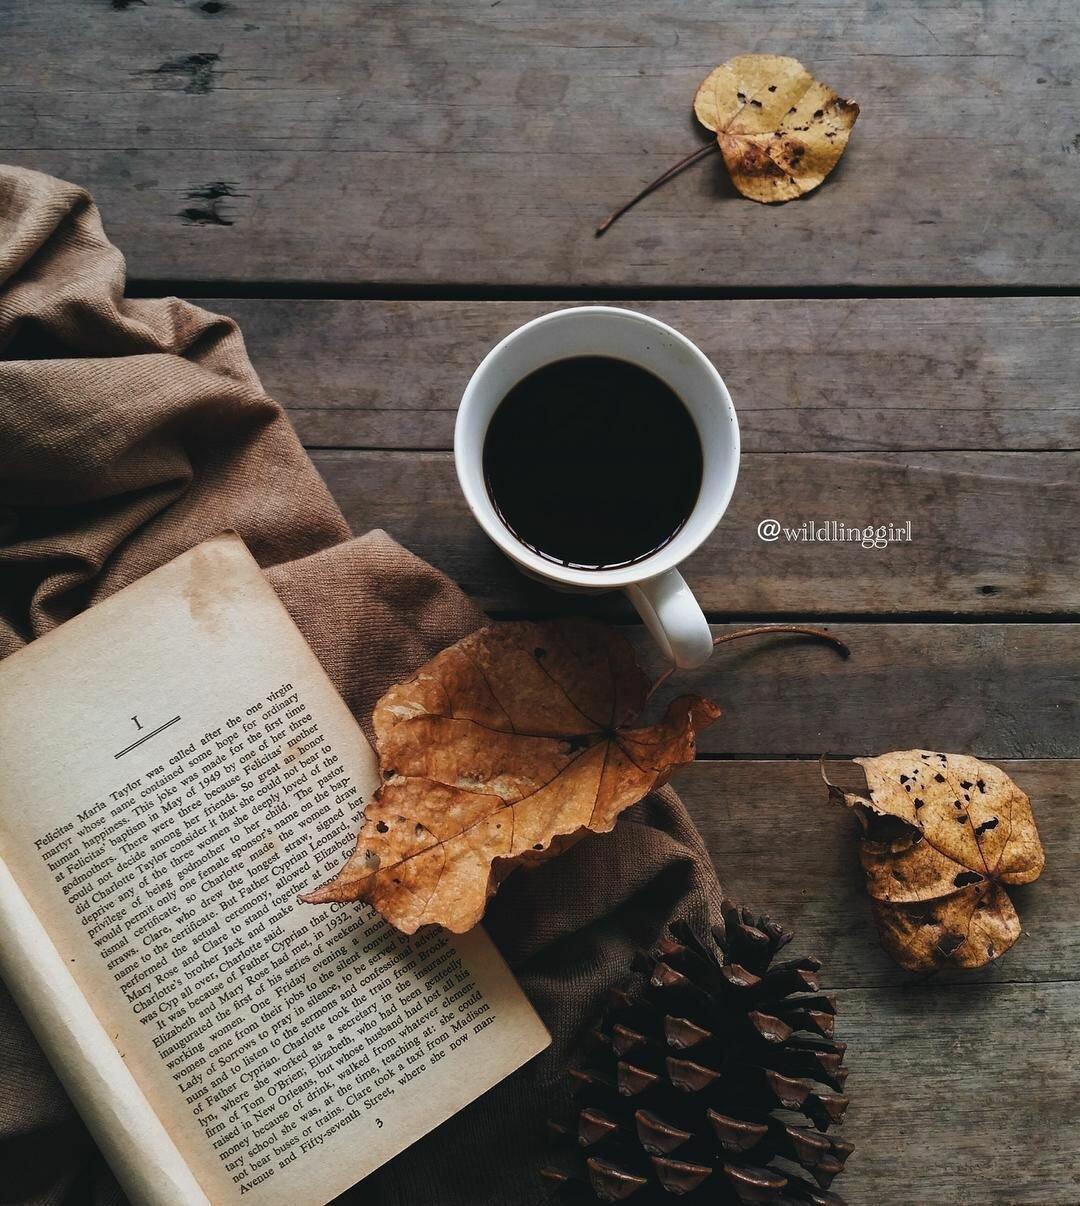 картинки кофе с книжкой мужчины костюме, руководителя